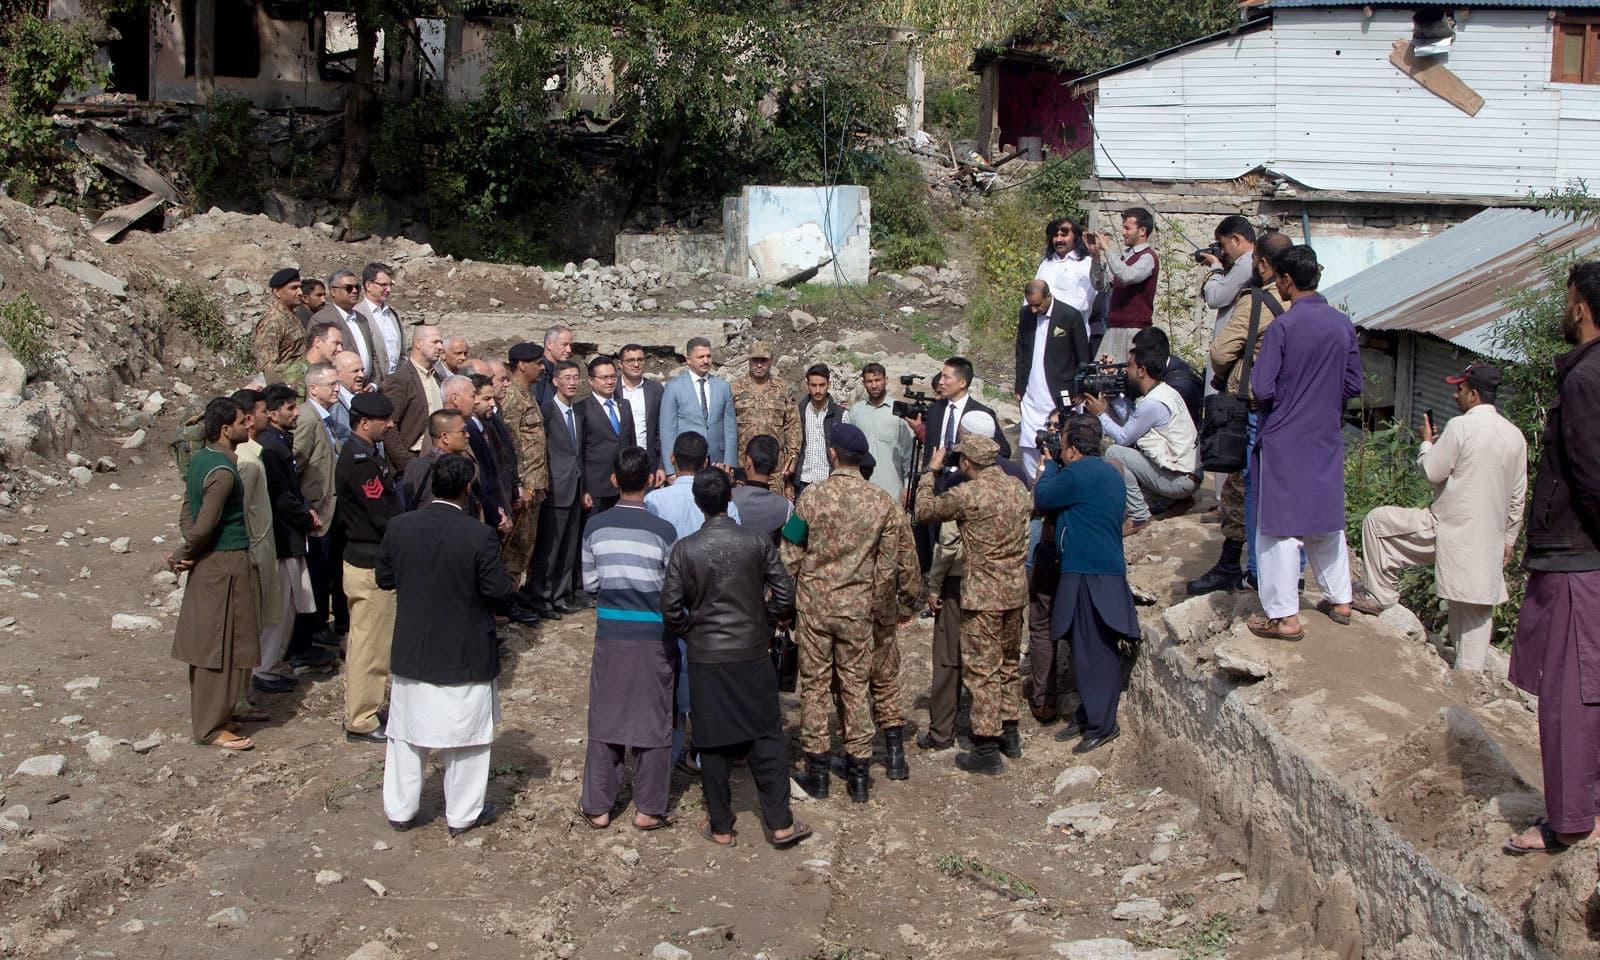 میجر جنرل آصف غفور کی جانب سے غیر ملکی سفرا اور میڈیا نمائندگان کو بریفنگ دی گئی — فوٹو: اے پی